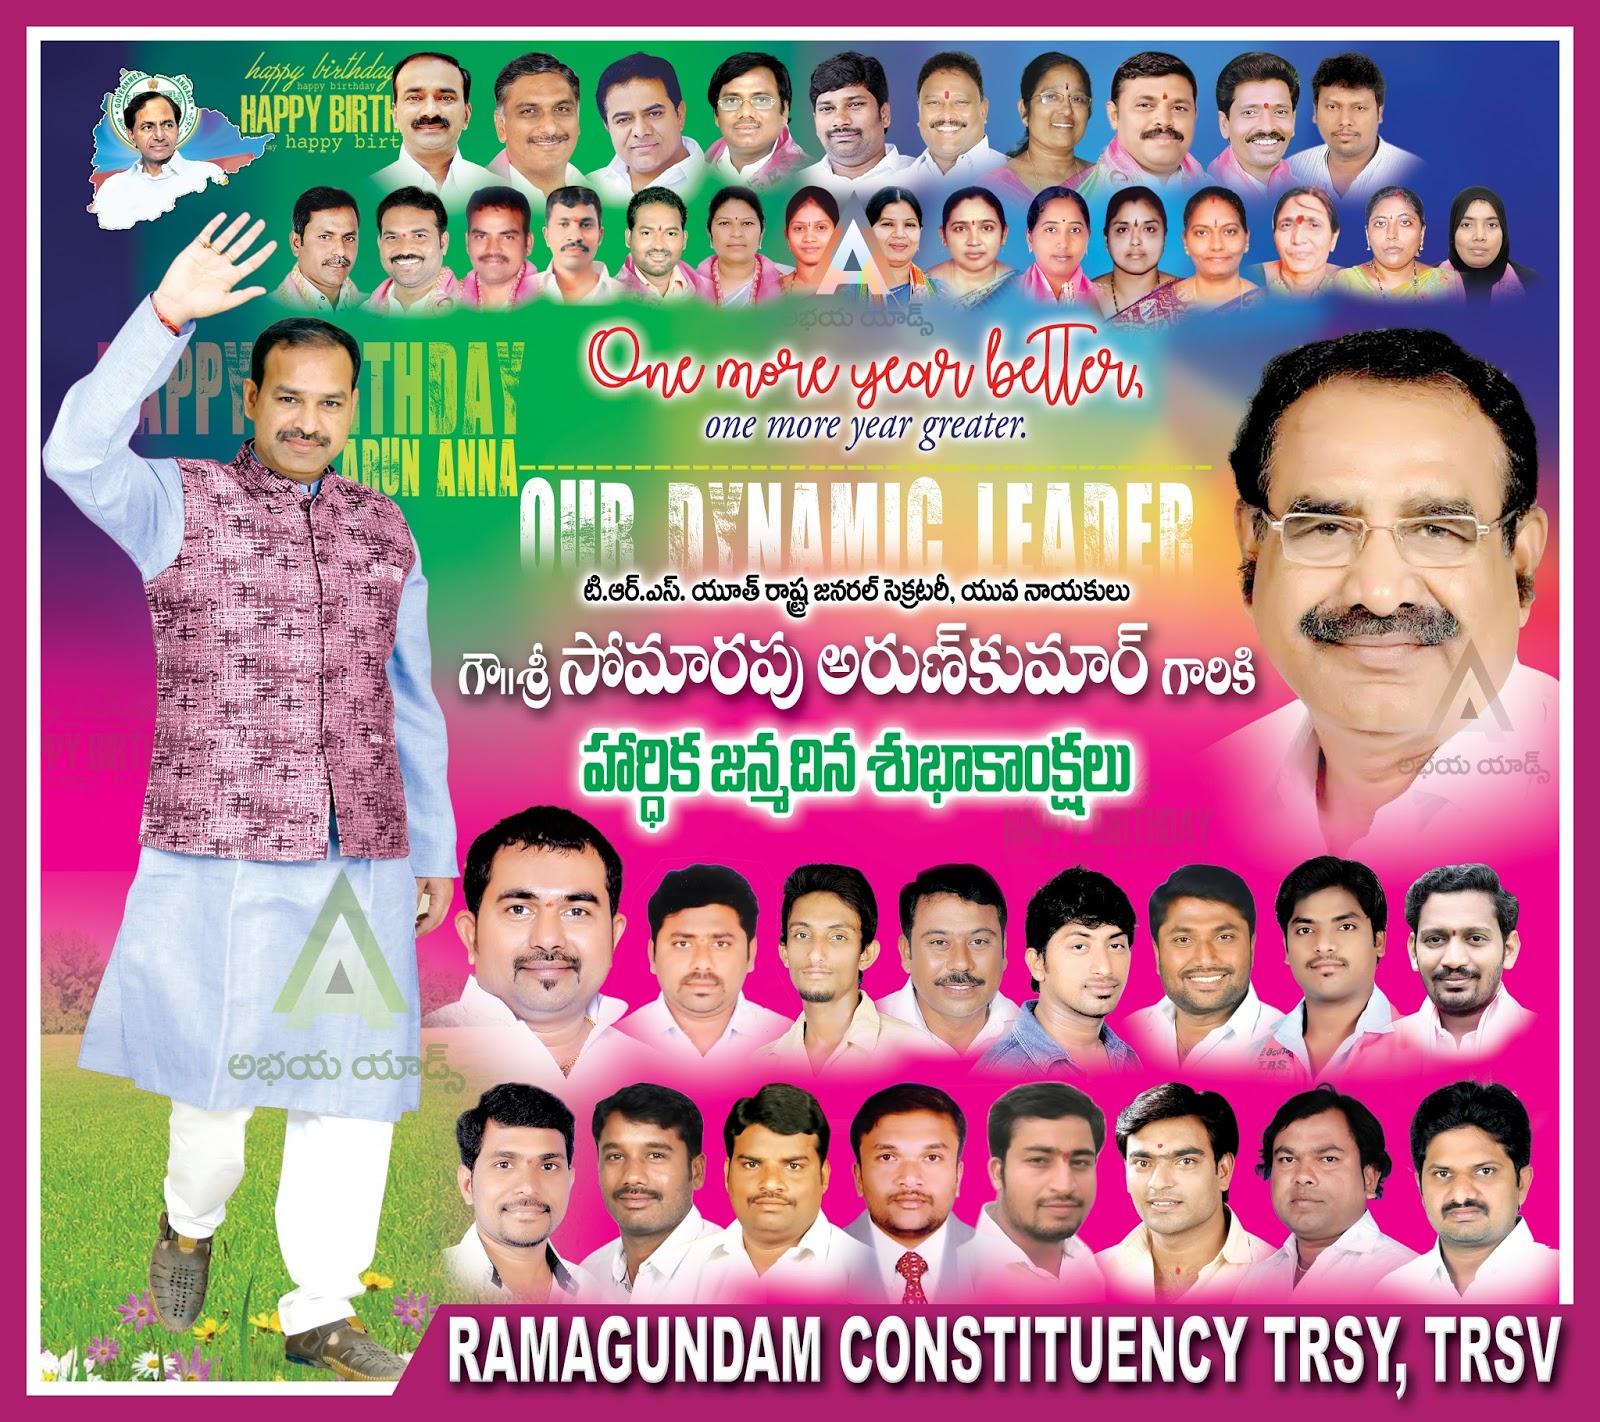 Somarapu Arun Birthday Greetings And Wishes Banner Design Abhaya Ads Flex Printing Hello friends.birthday flex banner design psd file is recorded in this post. somarapu arun birthday greetings and